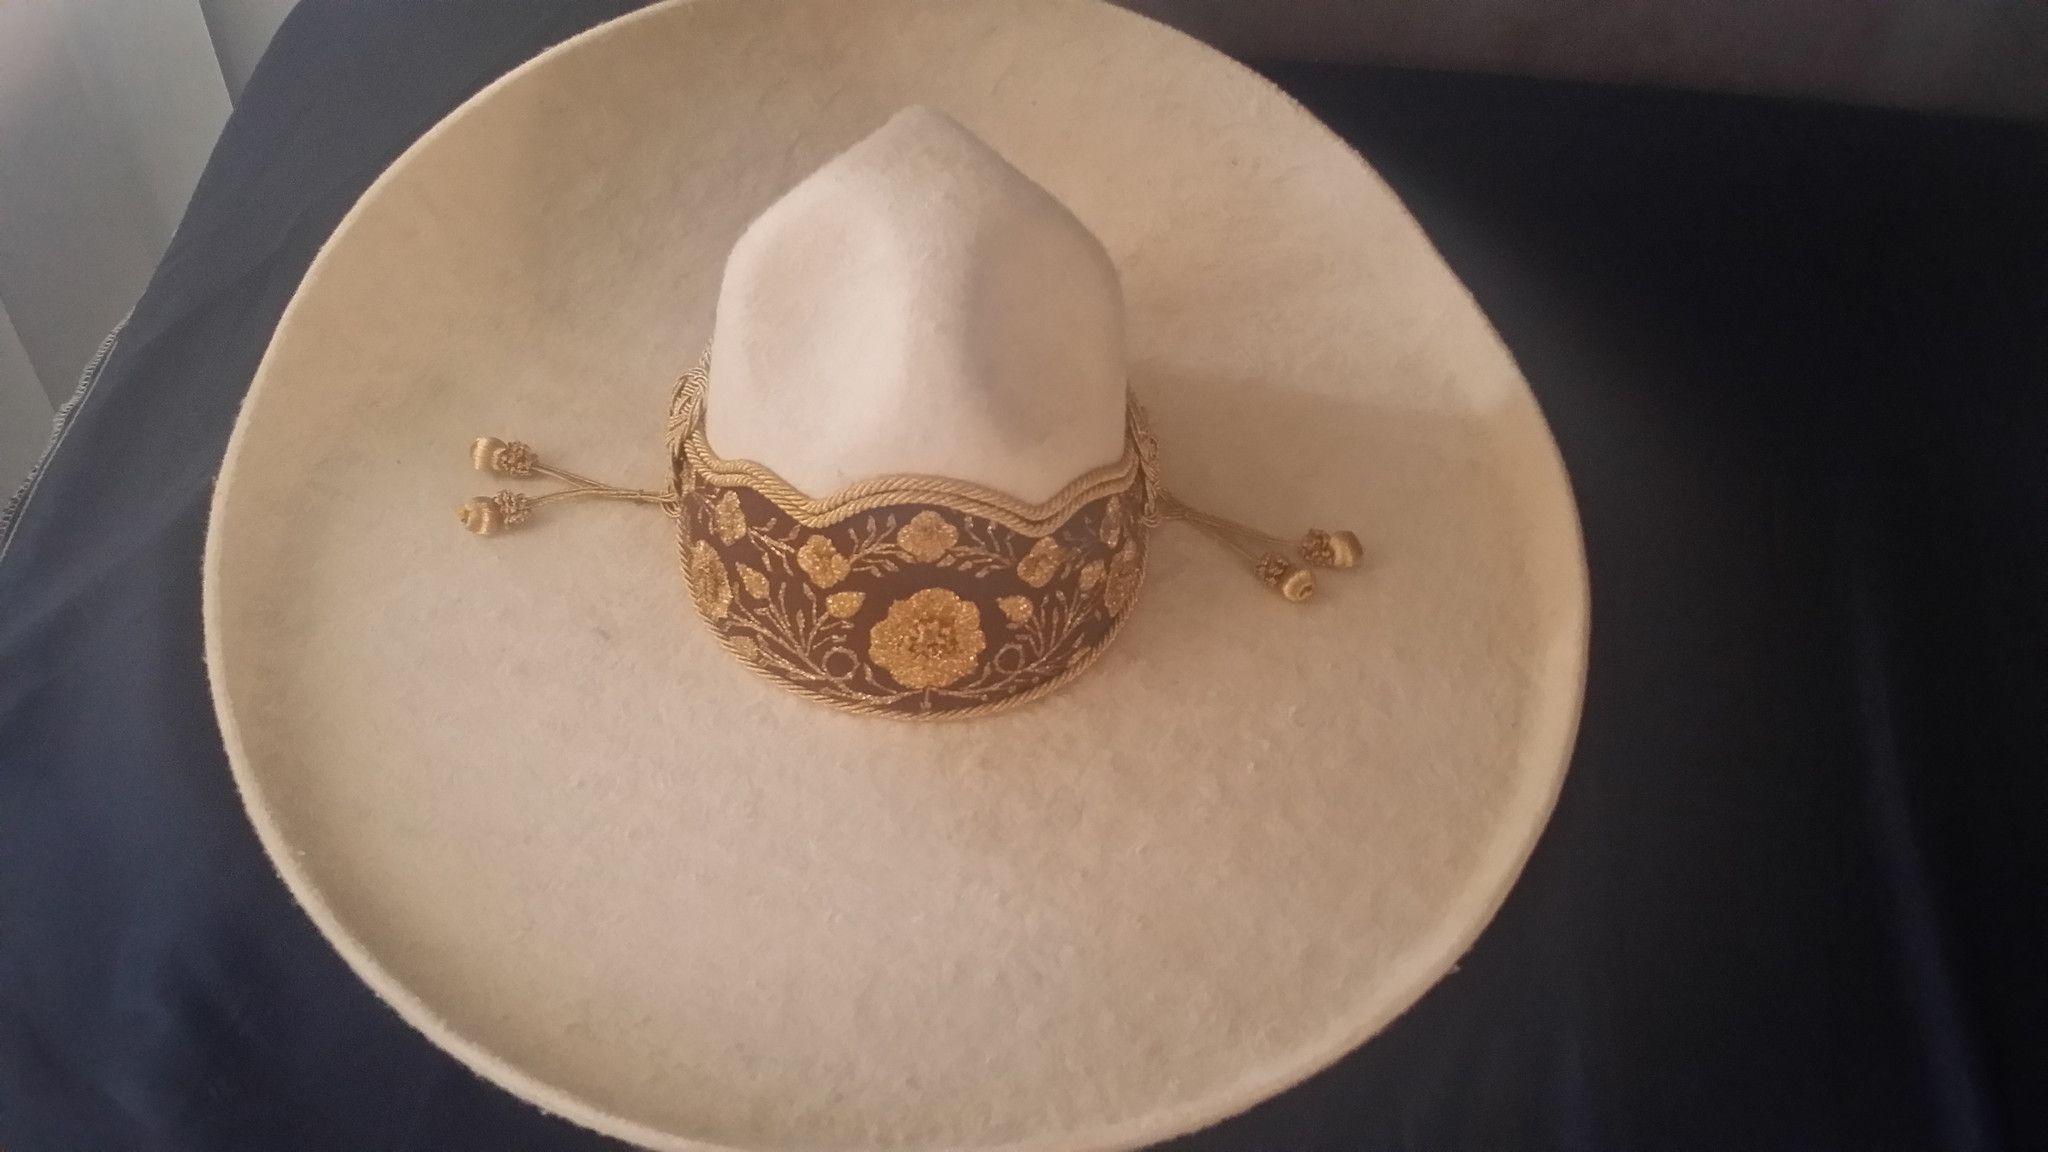 Sombrero Charro de Lana. Color Beich.Charro Hats size 7 americano 56 ... 7945a1202c1